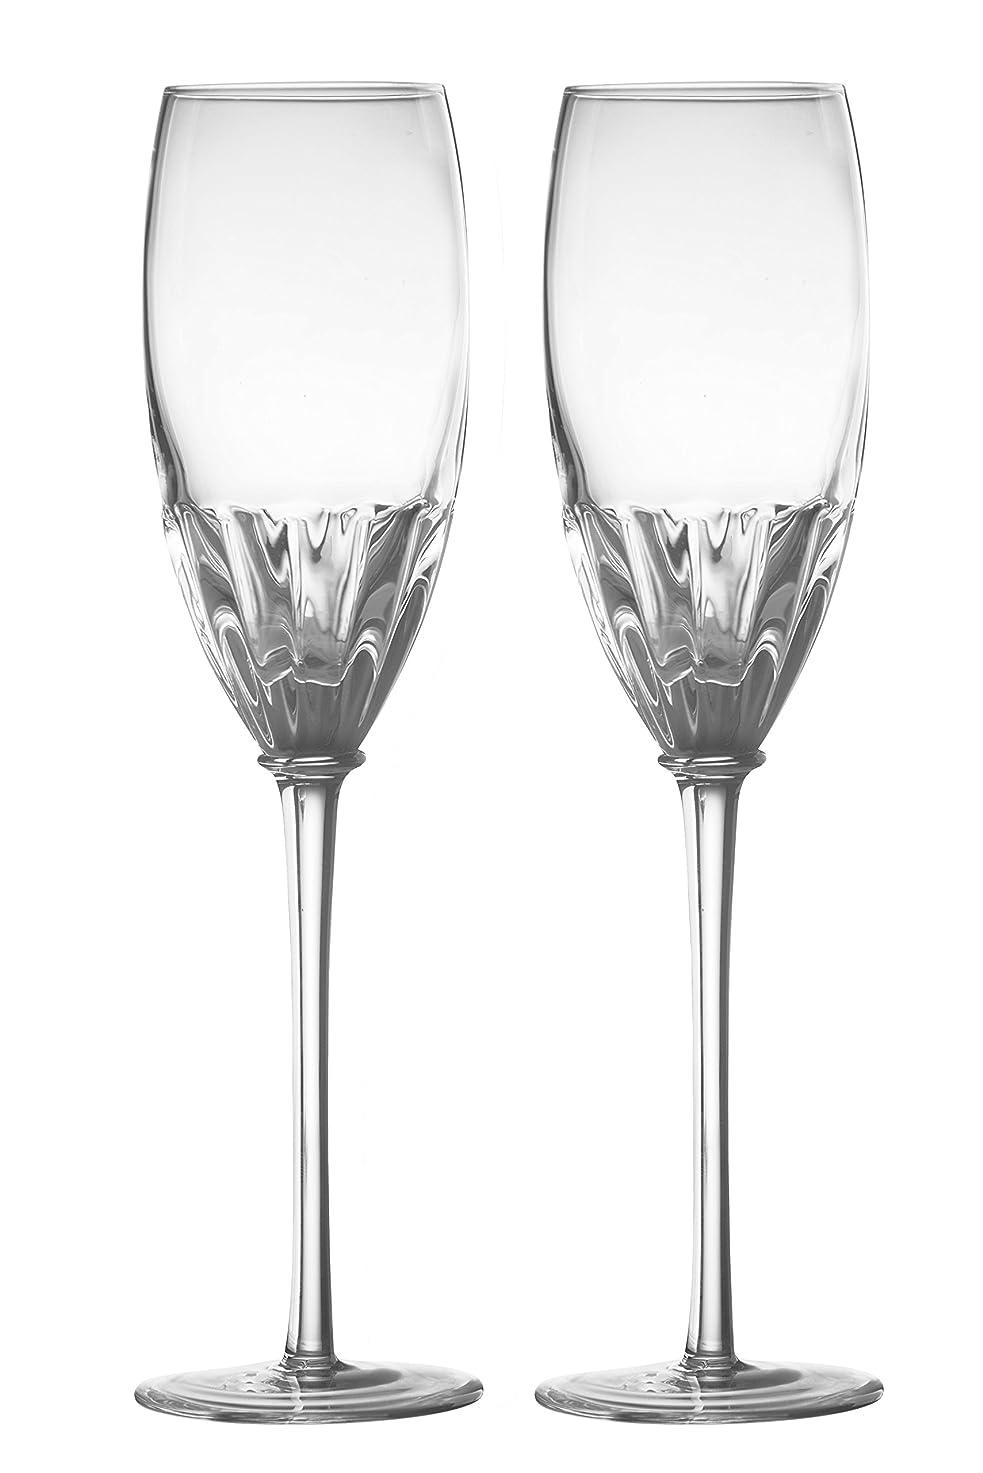 意味する不定きゅうりDRH Anton Studios Solar Set of 2 Champagne Glasses Flutes in Clear ASD10183